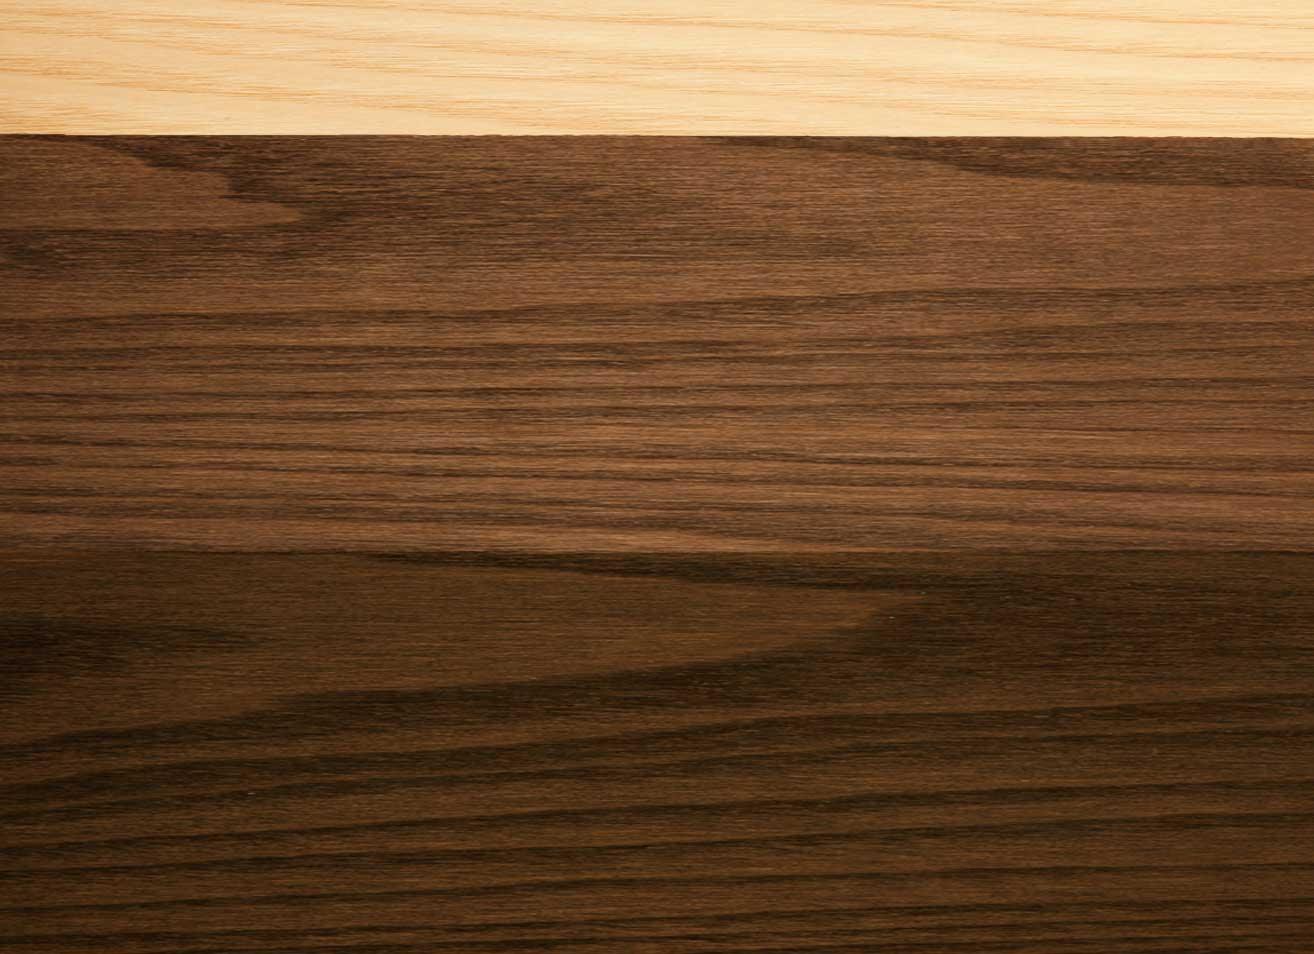 Acabado para madera poro abierto pintar - Madera para pintar ...